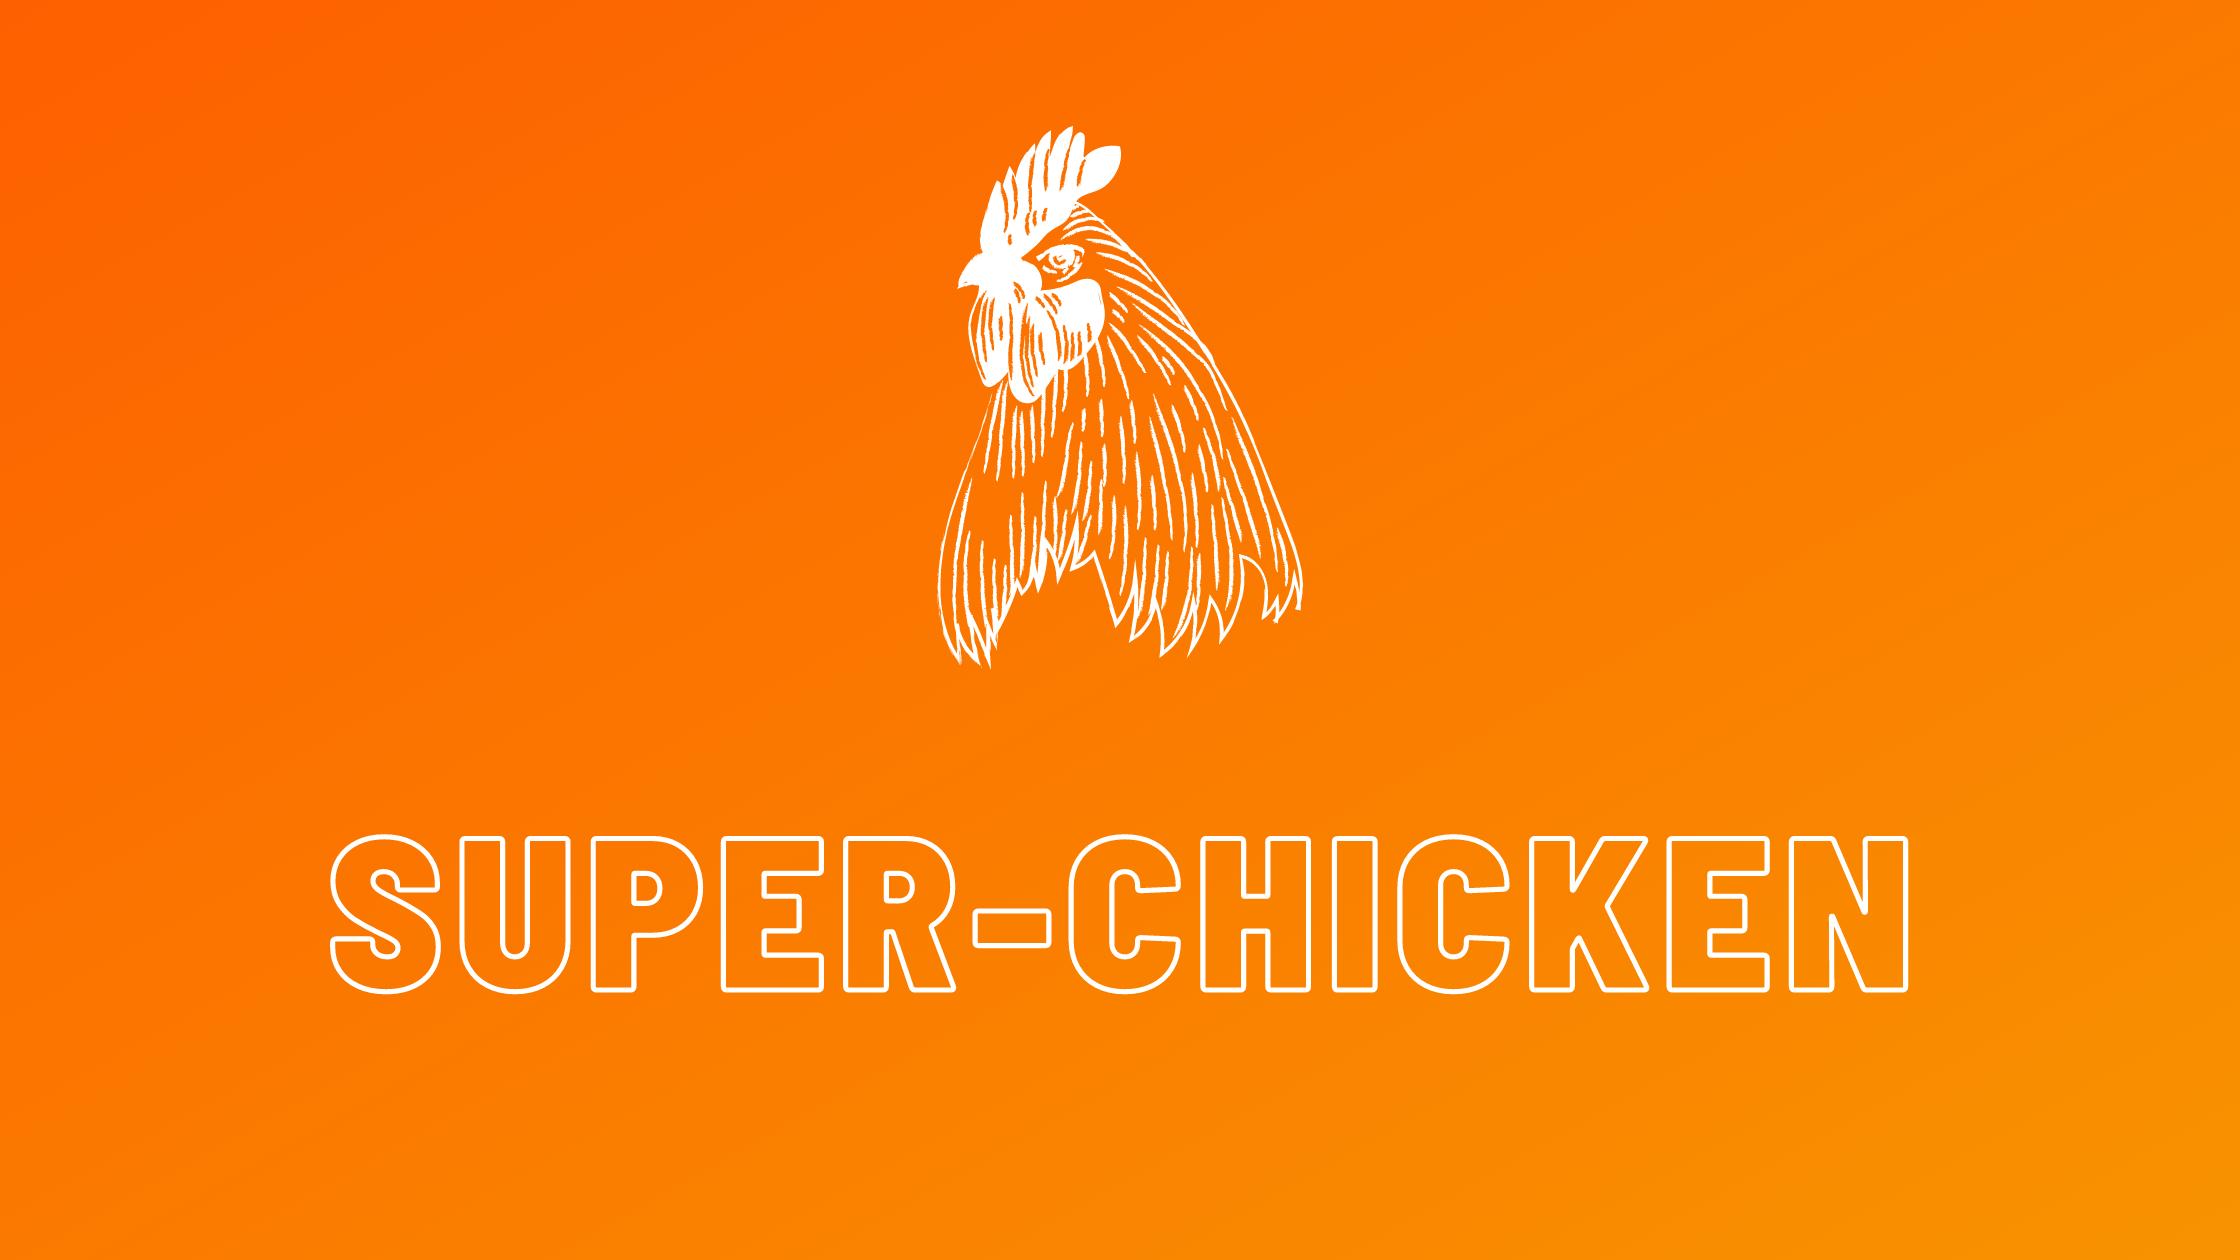 super-chickens